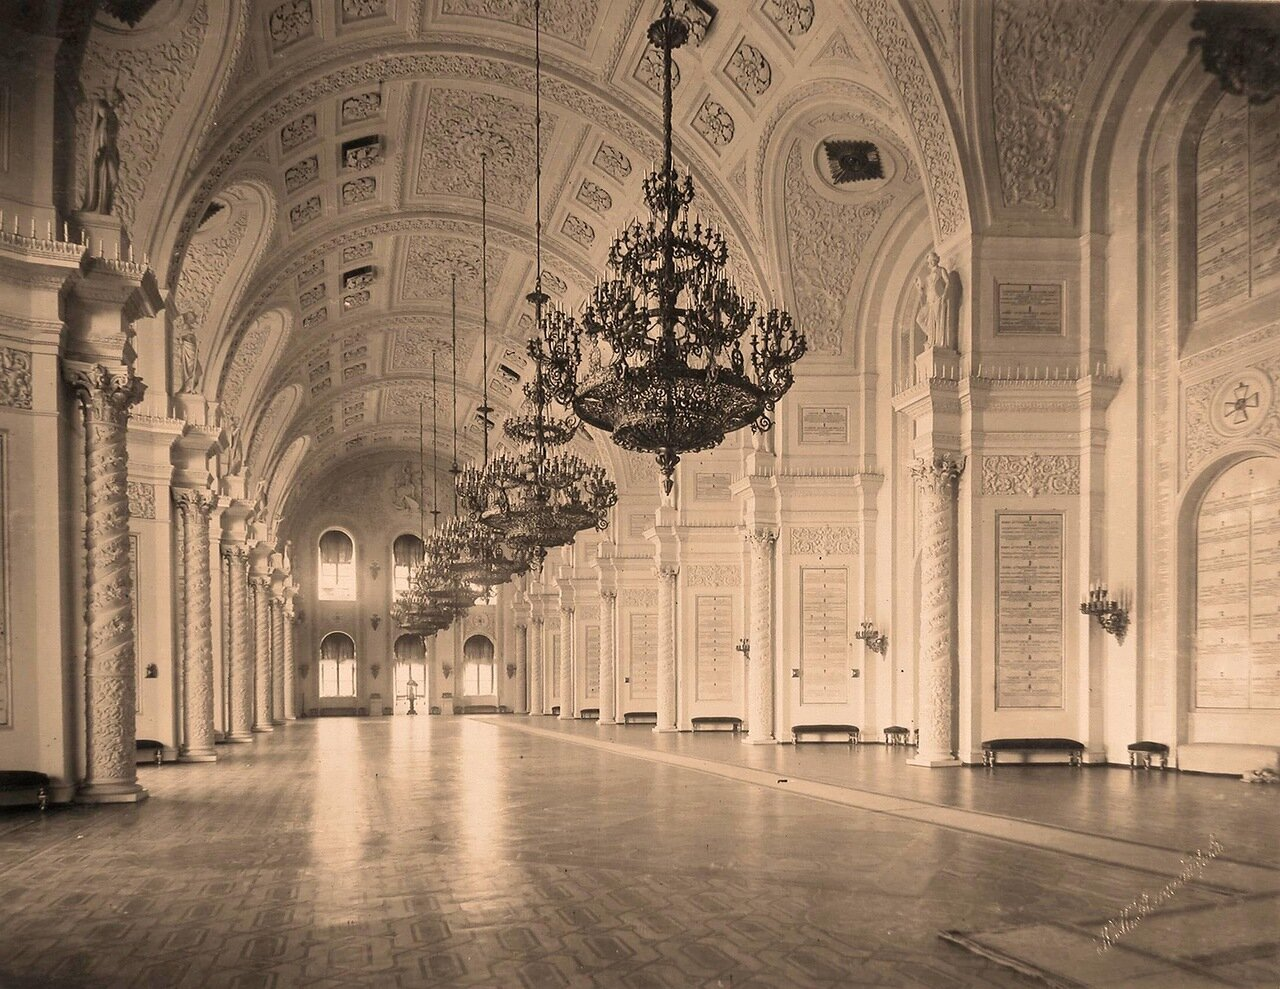 Интерьер Георгиевского зала  Большого Кремлёвского дворца